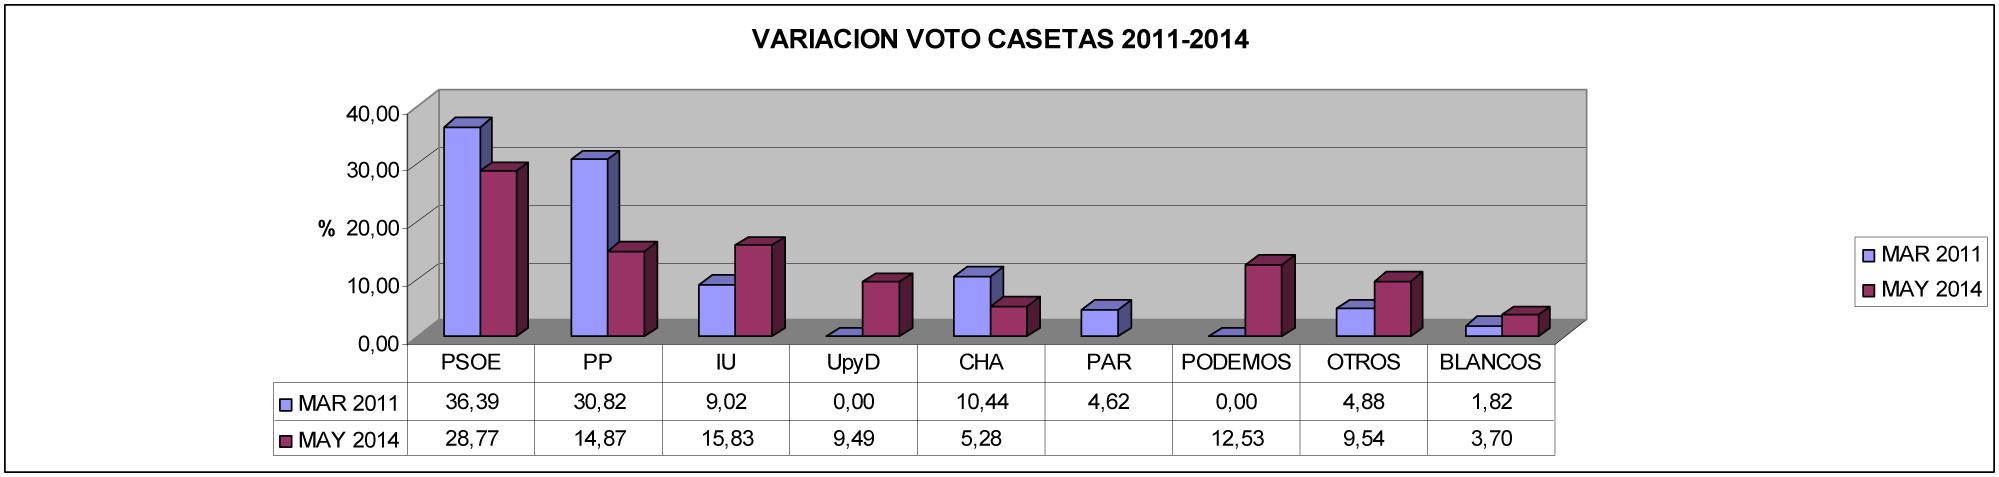 elecciones 2014 graficos CASETAS